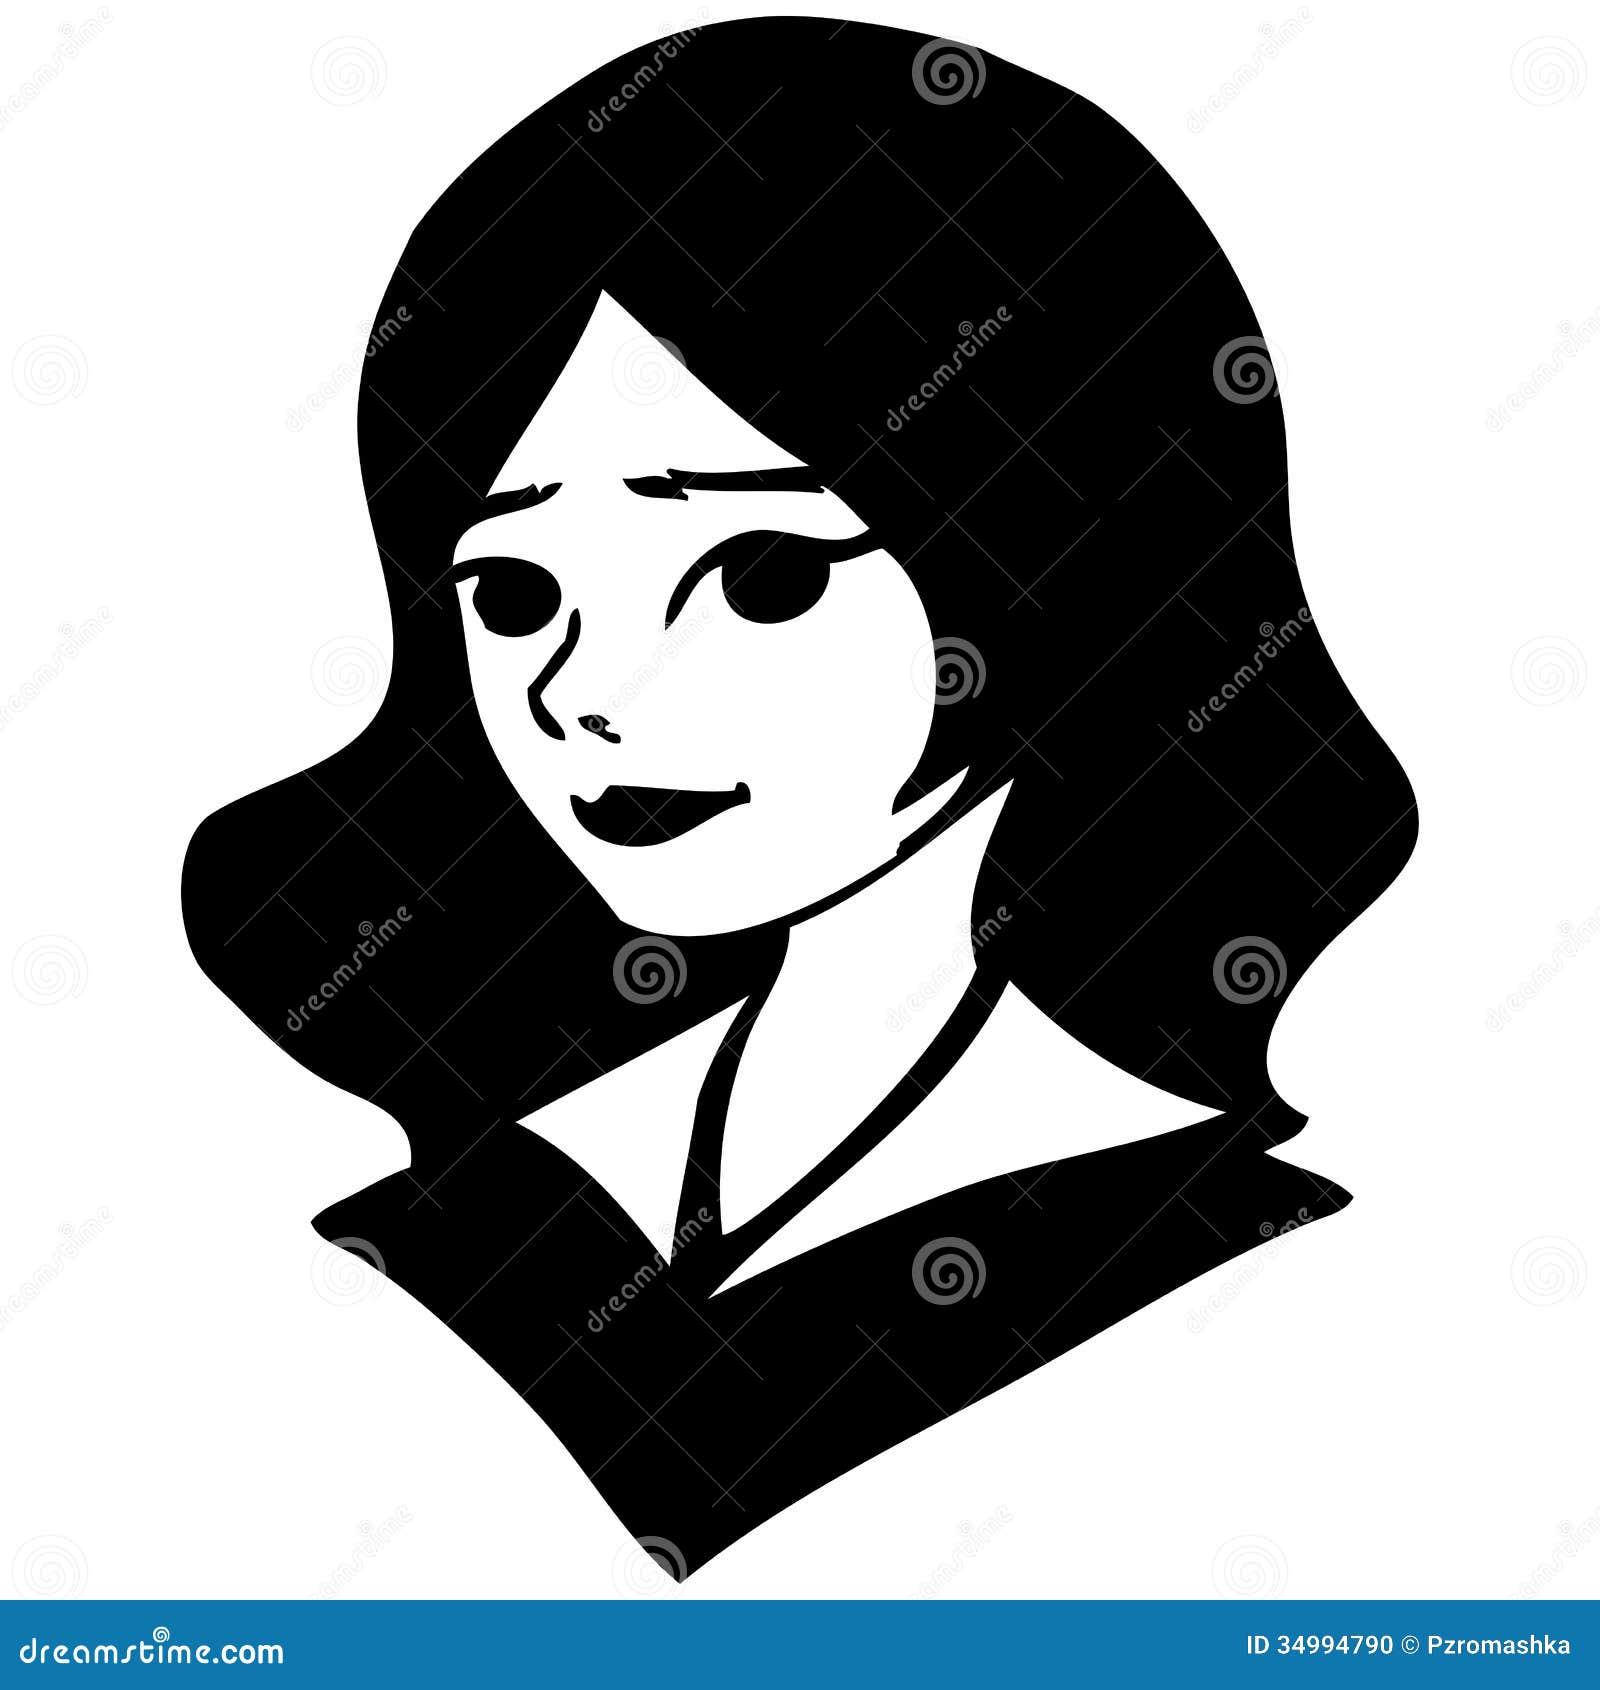 Простые черно-белые рисунки девушек